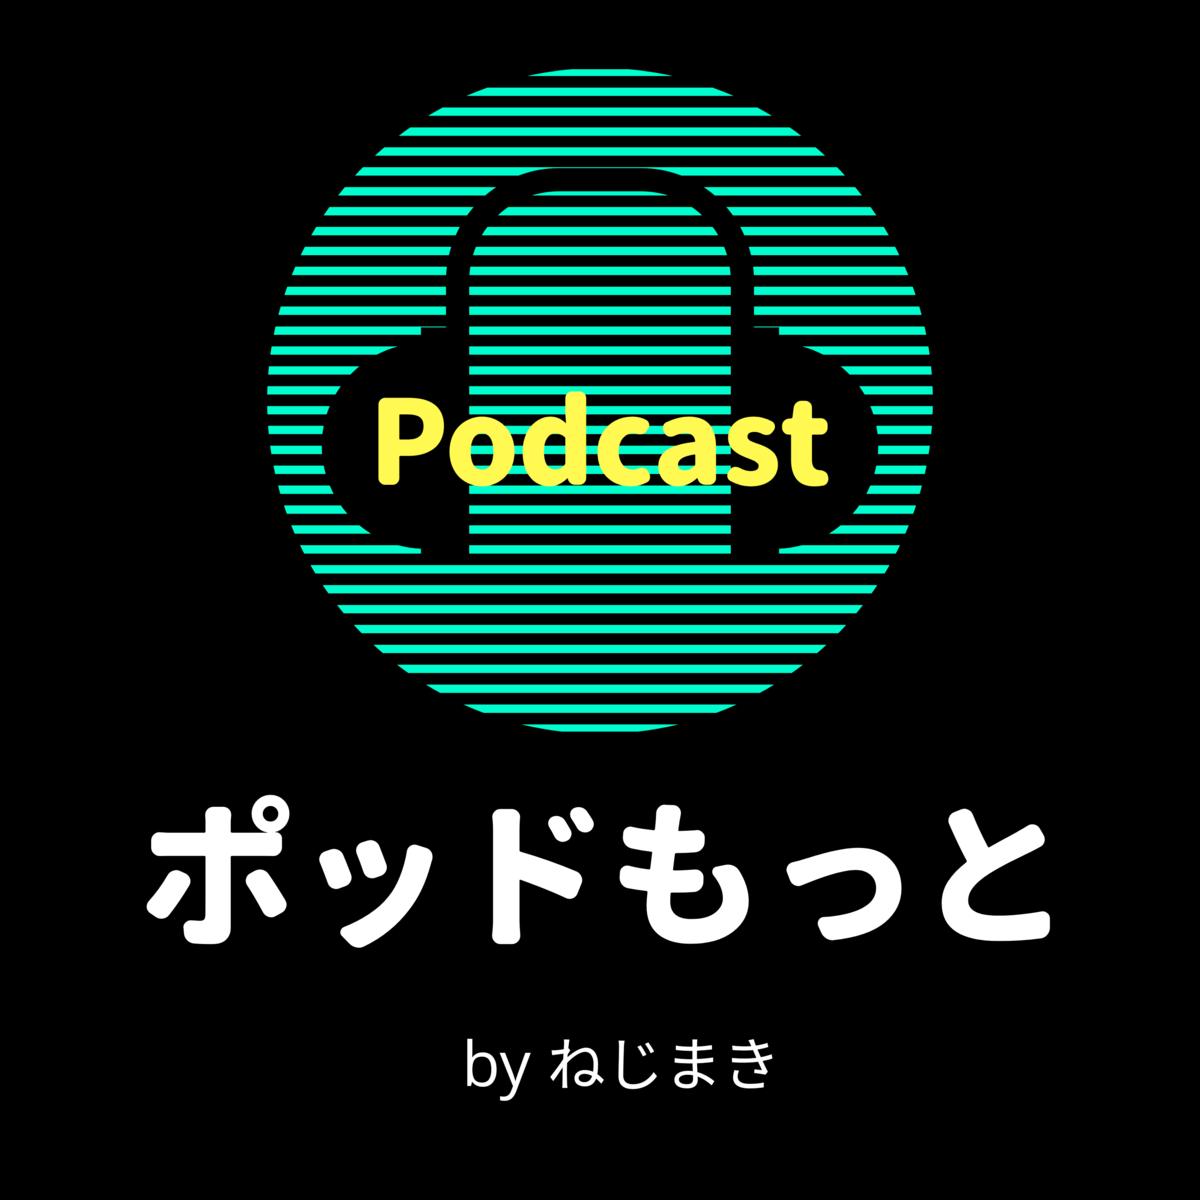 ポッドもっとニュース Podcast